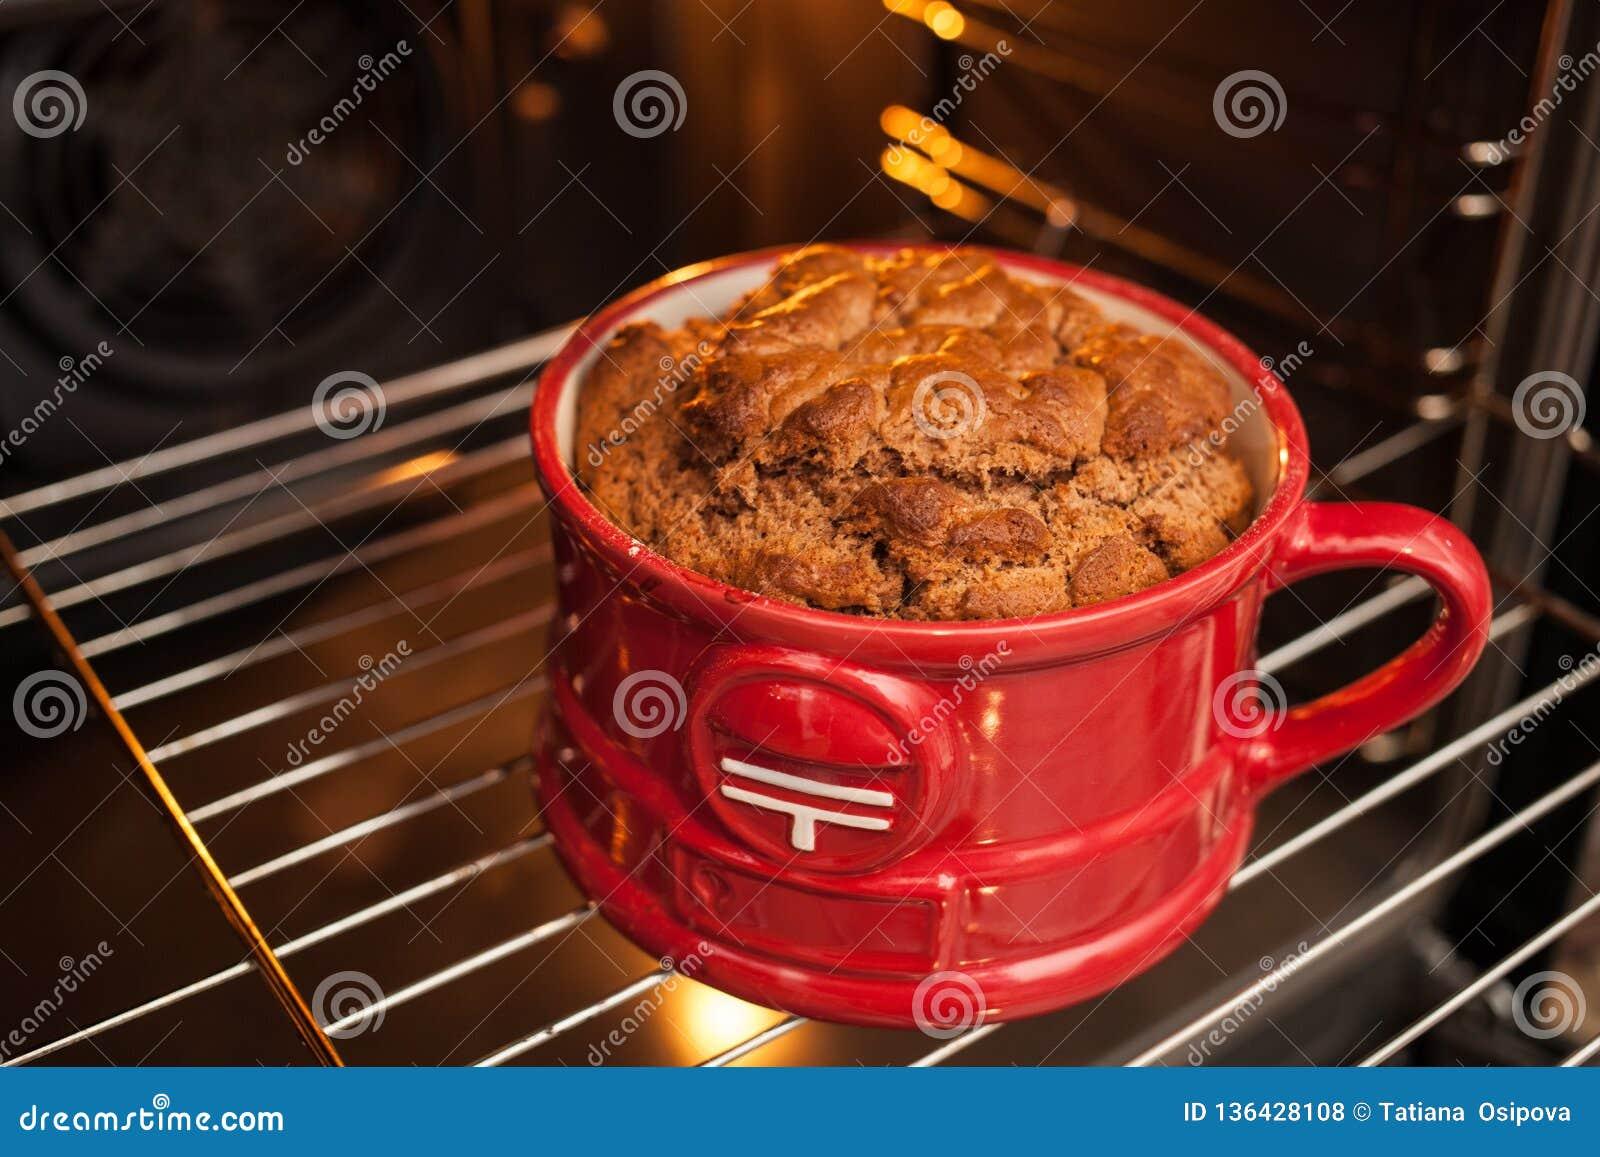 Chiuda su un grande mugcake rubicondo fertile in una tazza rossa cucinata nel forno Cottura e realismo di ricette del bigné